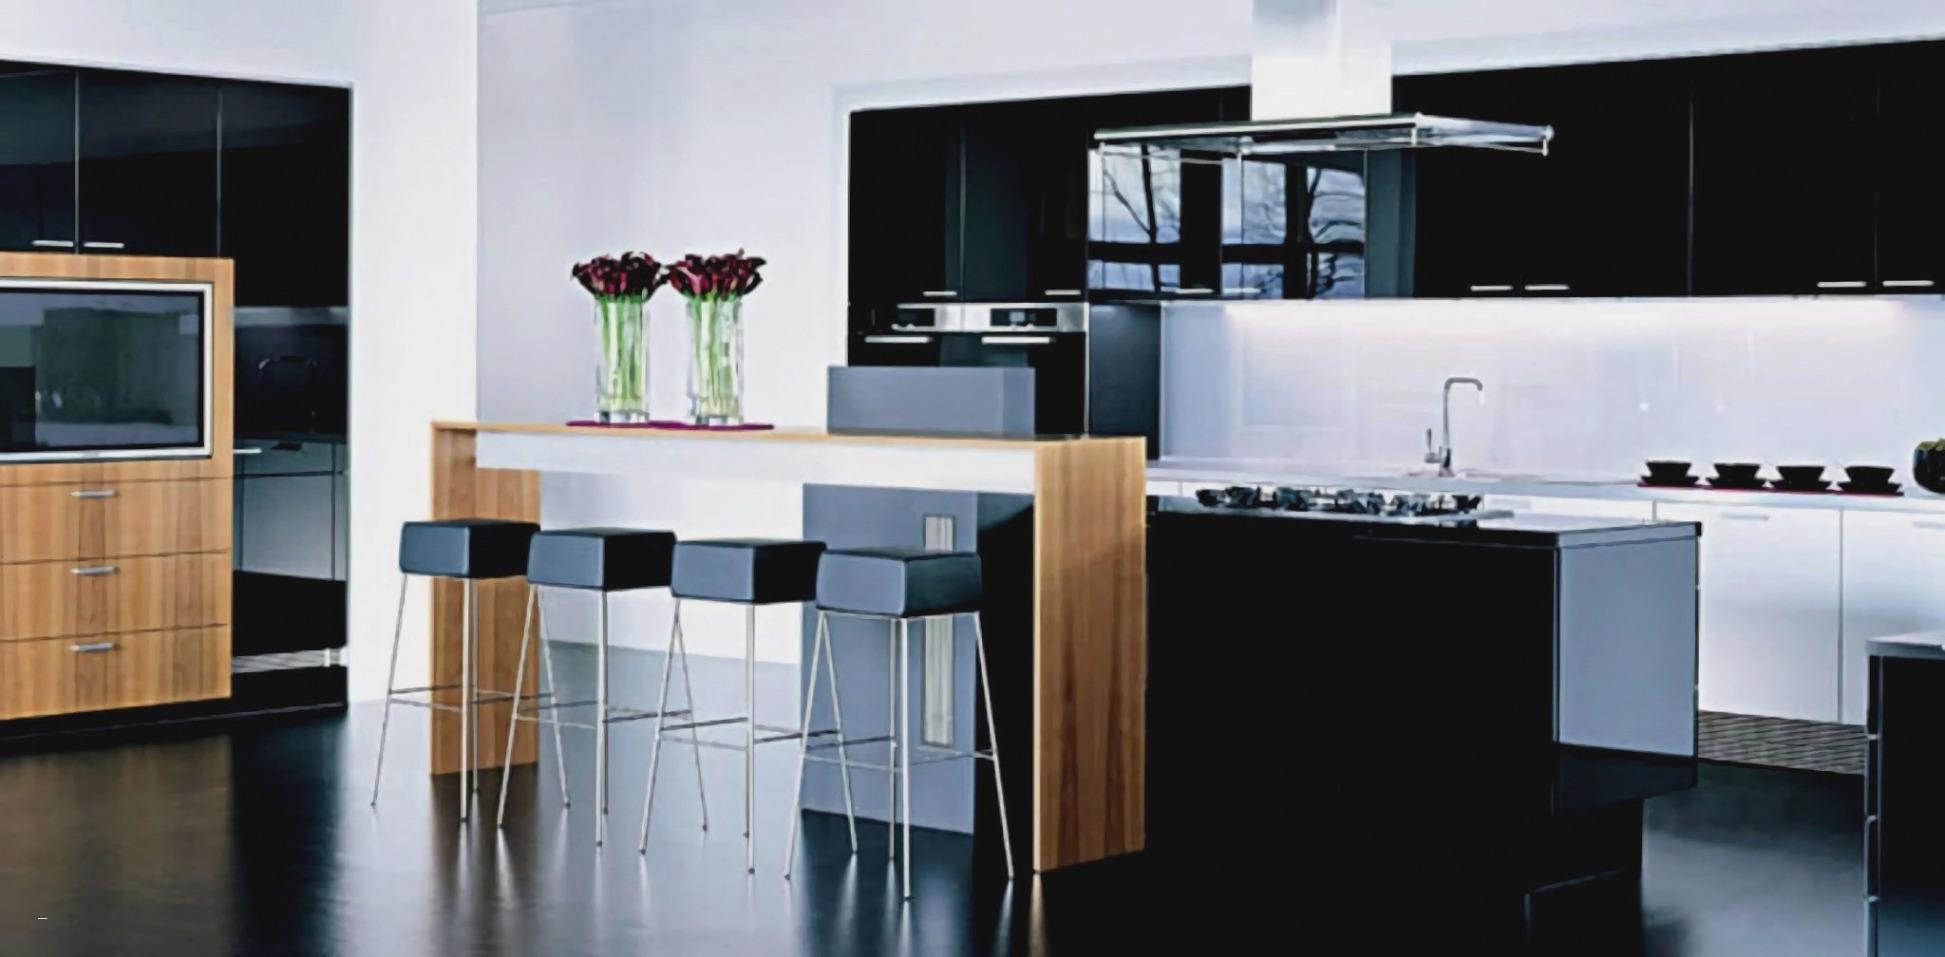 Full Size of Obi Küchen Kche Erfahrung Kreidefarbe Kaufen Aber Welche Sieben Farben Nobilia Küche Fenster Einbauküche Regal Regale Mobile Immobilienmakler Baden Wohnzimmer Obi Küchen